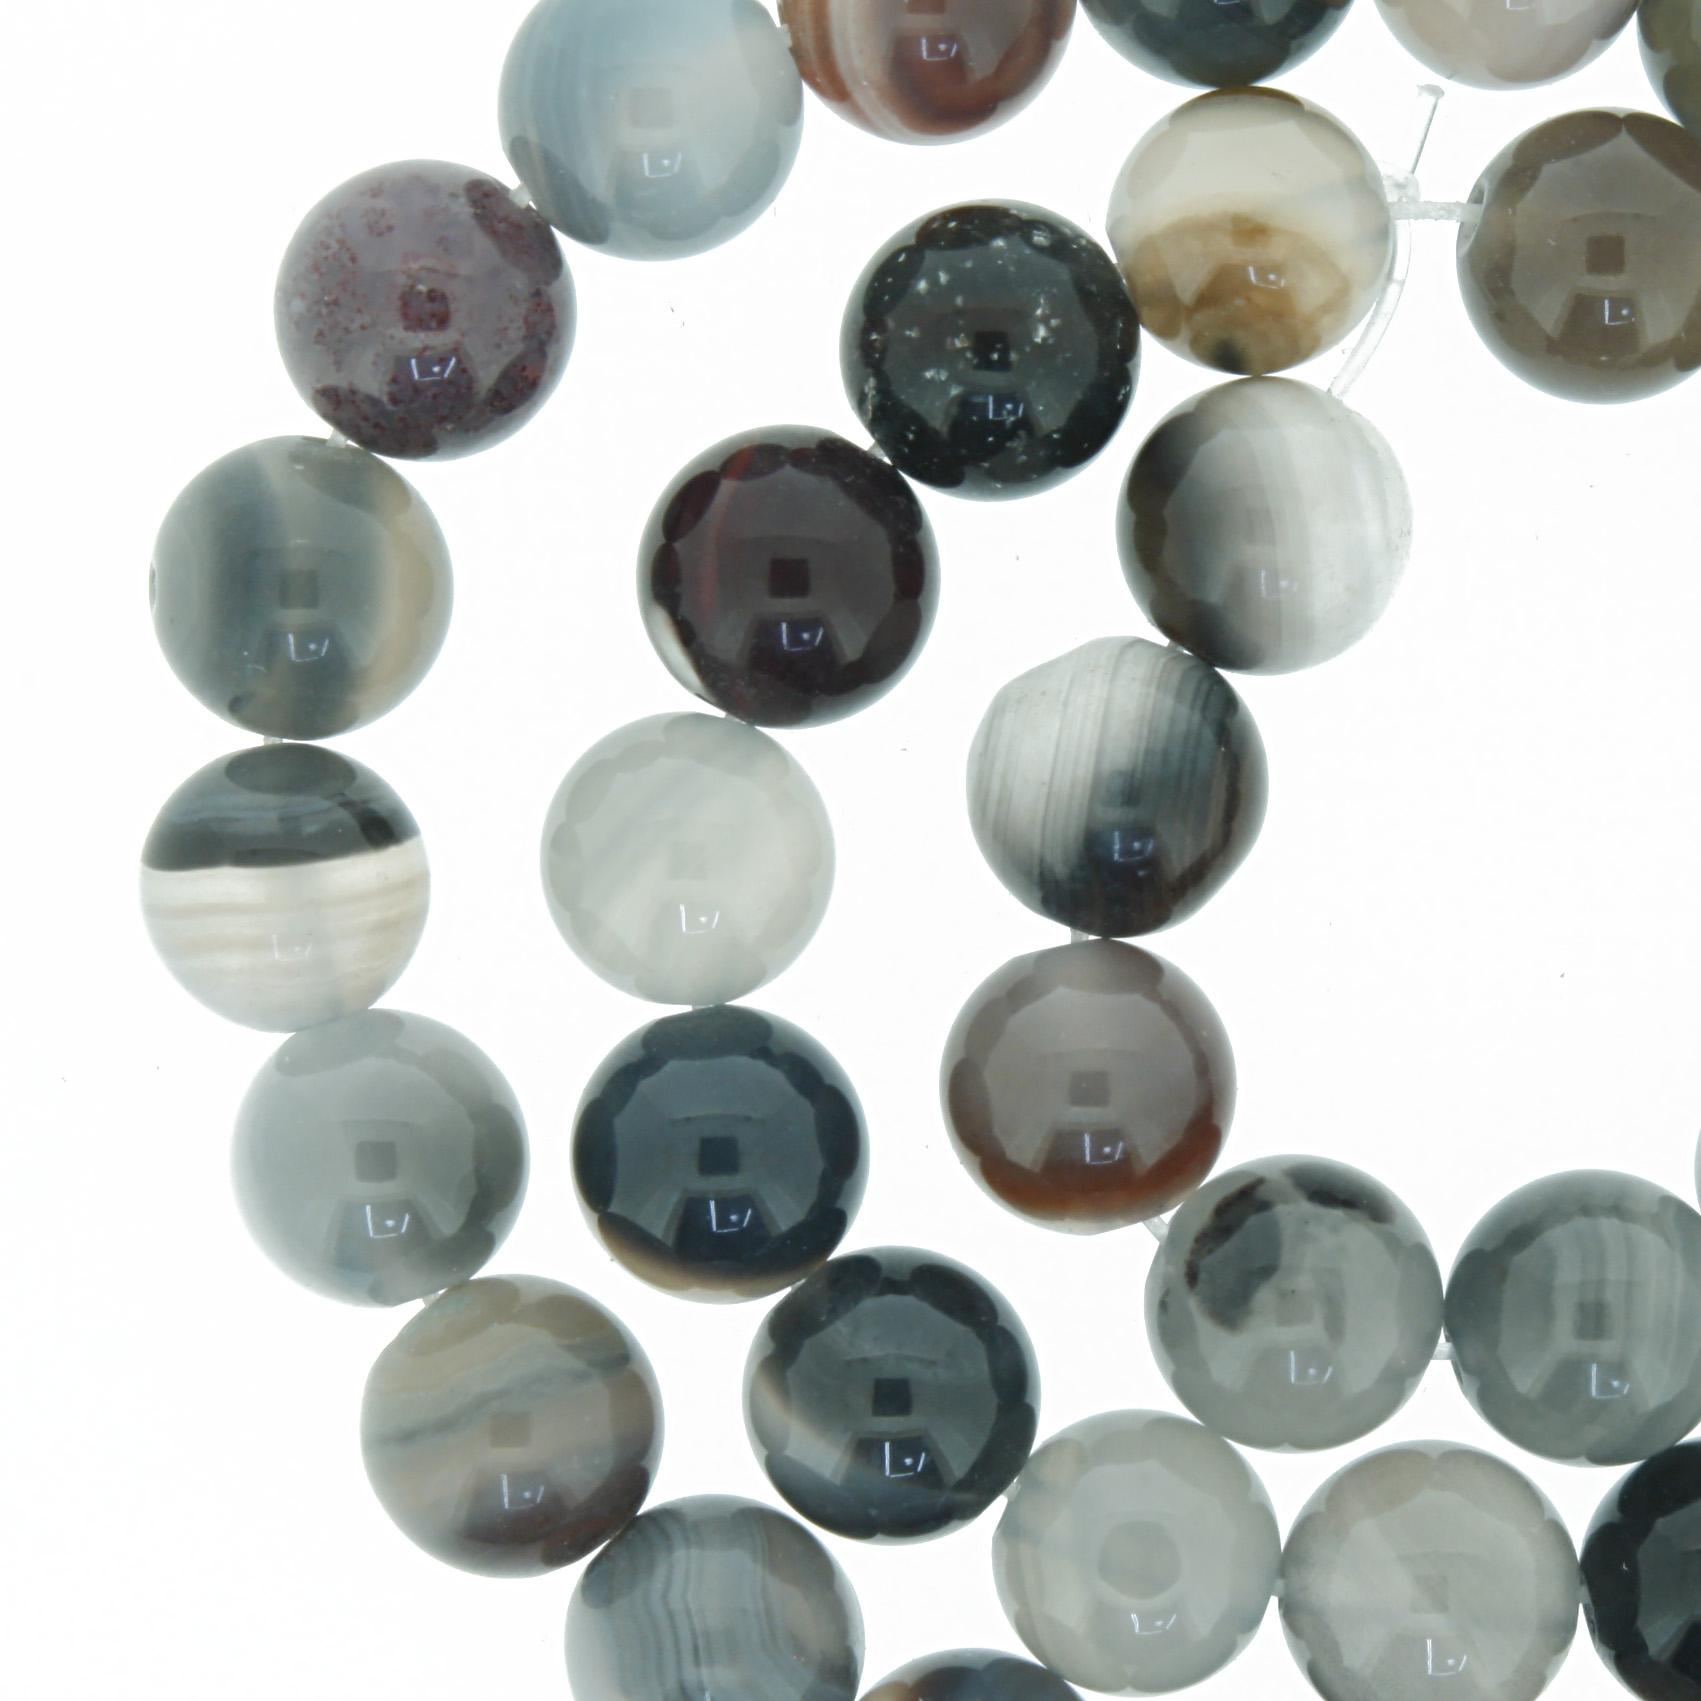 Fio de Pedra - Pietra® - Ágata Botswana - 8mm  - Universo Religioso® - Artigos de Umbanda e Candomblé